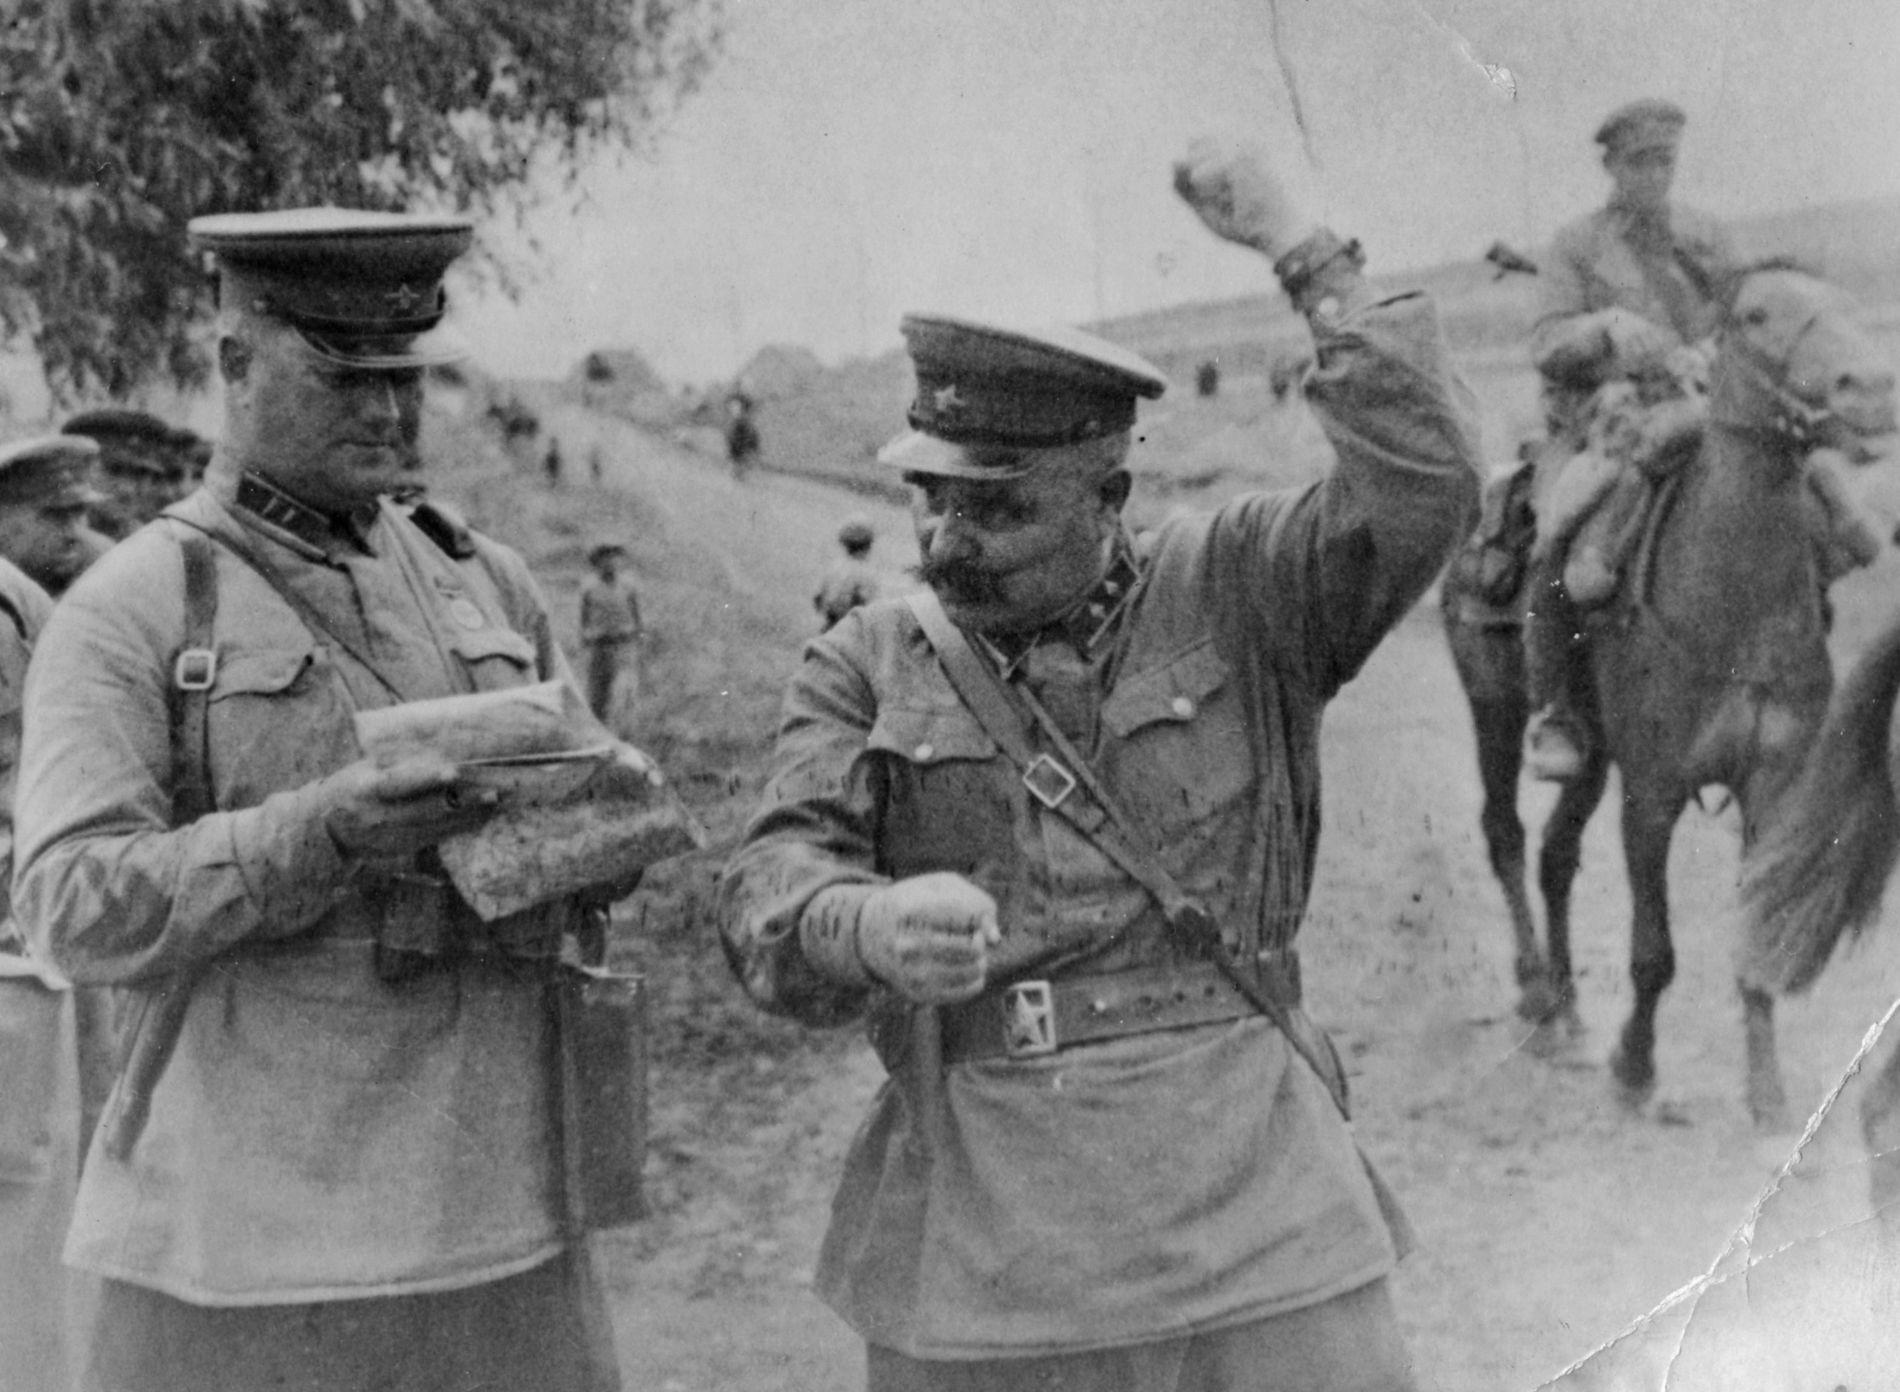 В центре — командир 72-й кавалерийской дивизии генерал-майор В.И. Книга. Крым, весна 1942 года